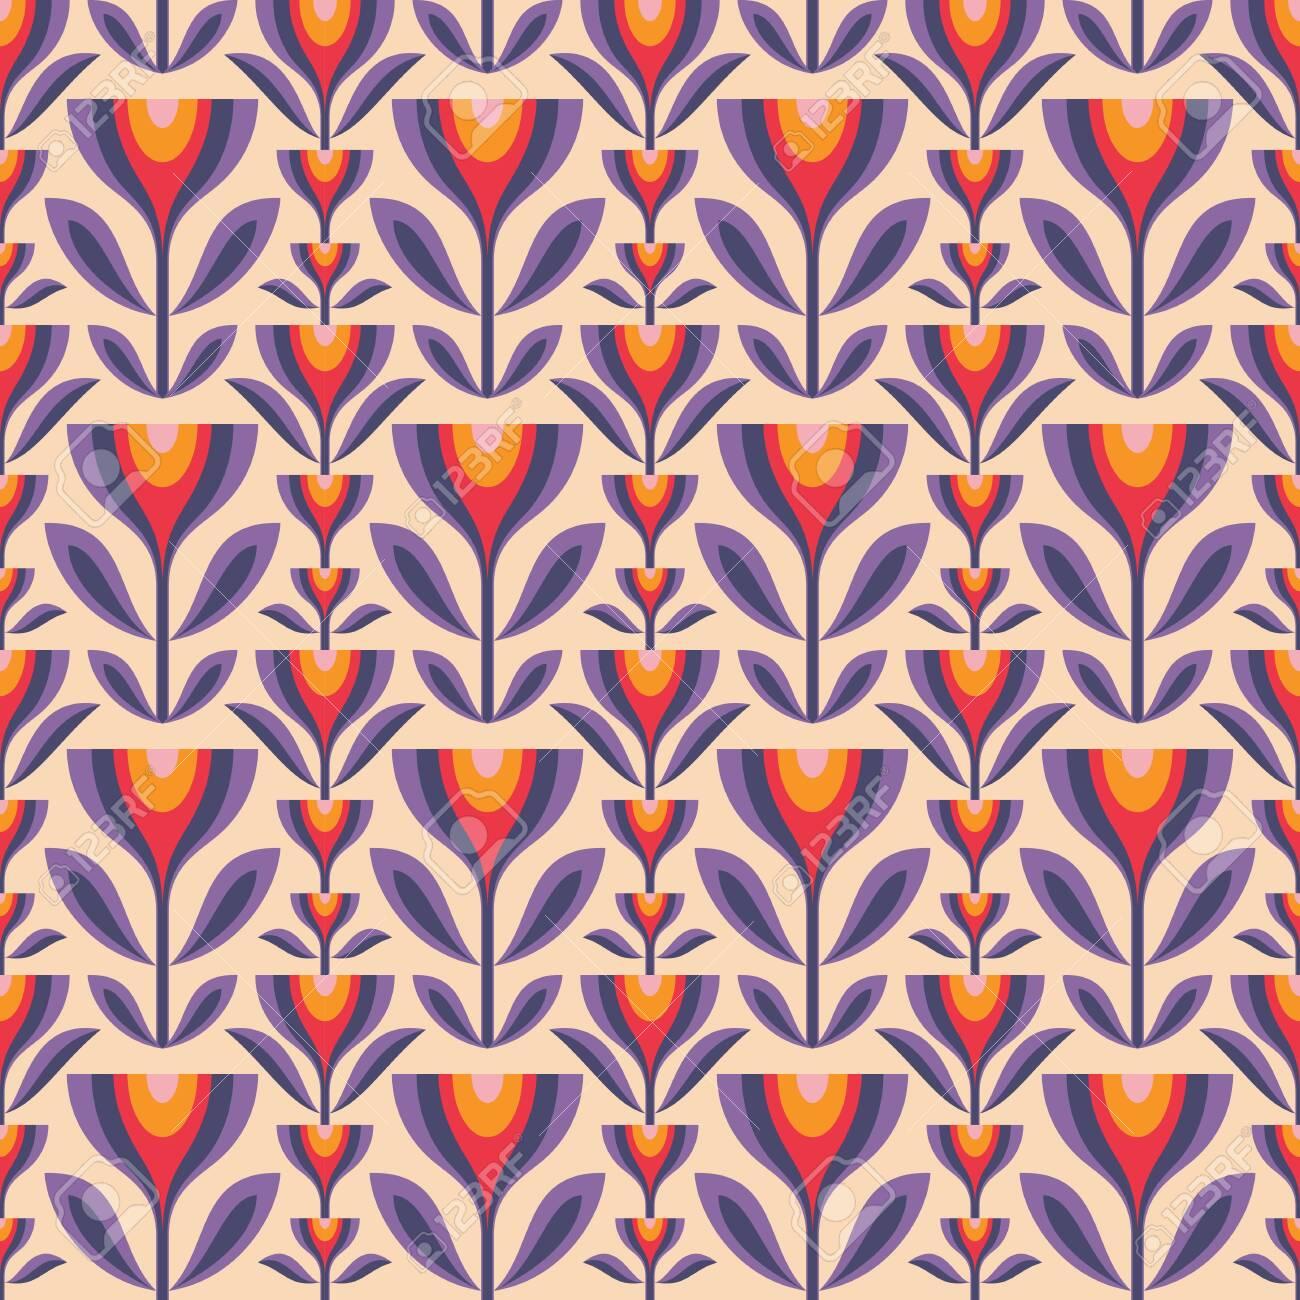 Mid Century Modern Art Pattern